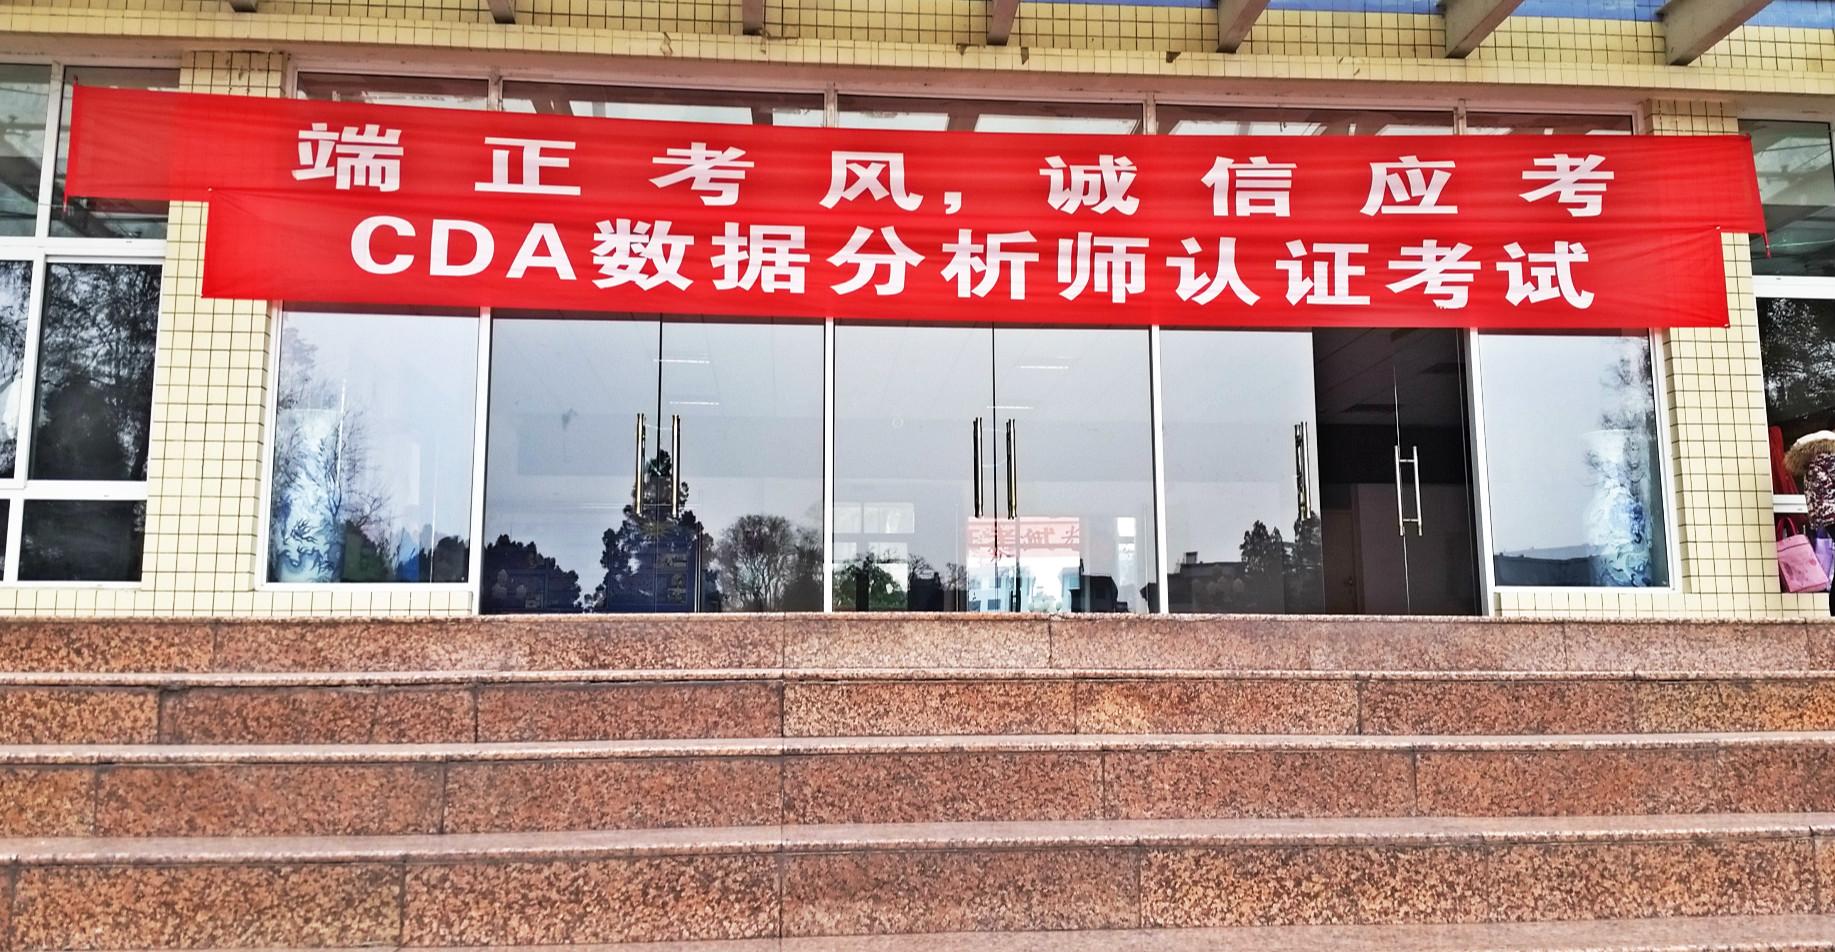 CDA第三届考试花絮-数据分析师!